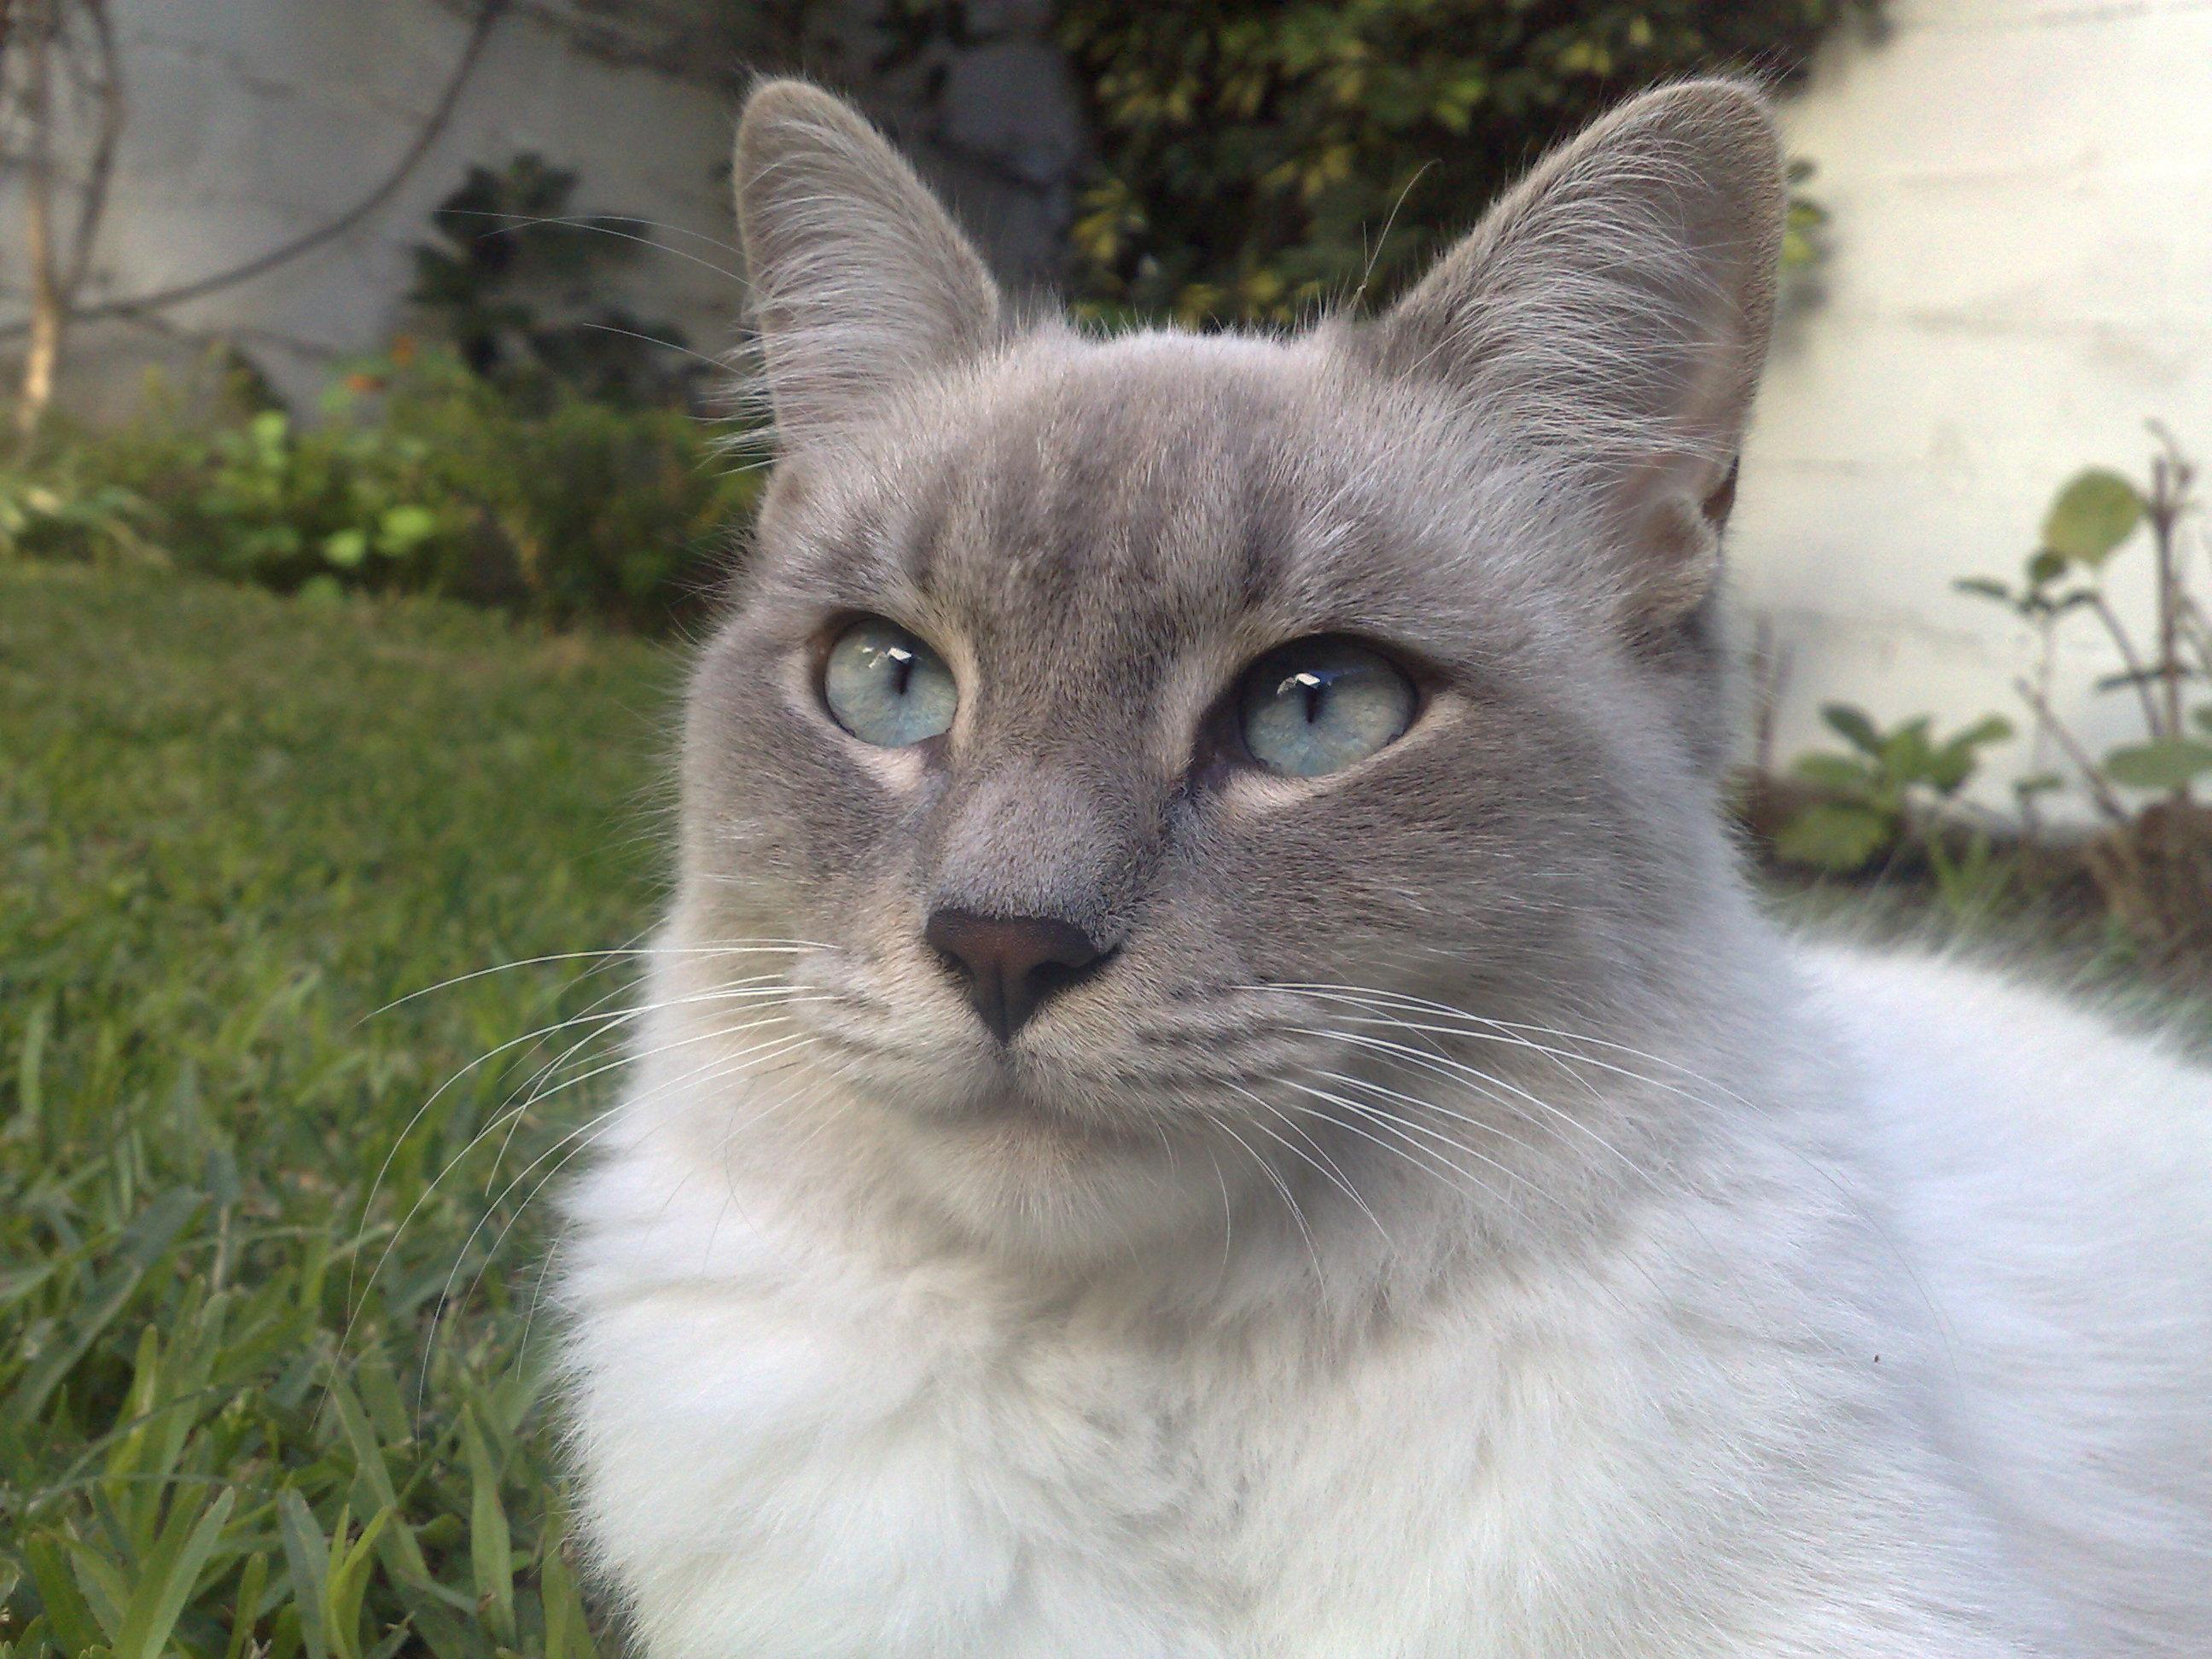 File:Gato Blanco Y Gris, Felis Silvestris Catus.jpg